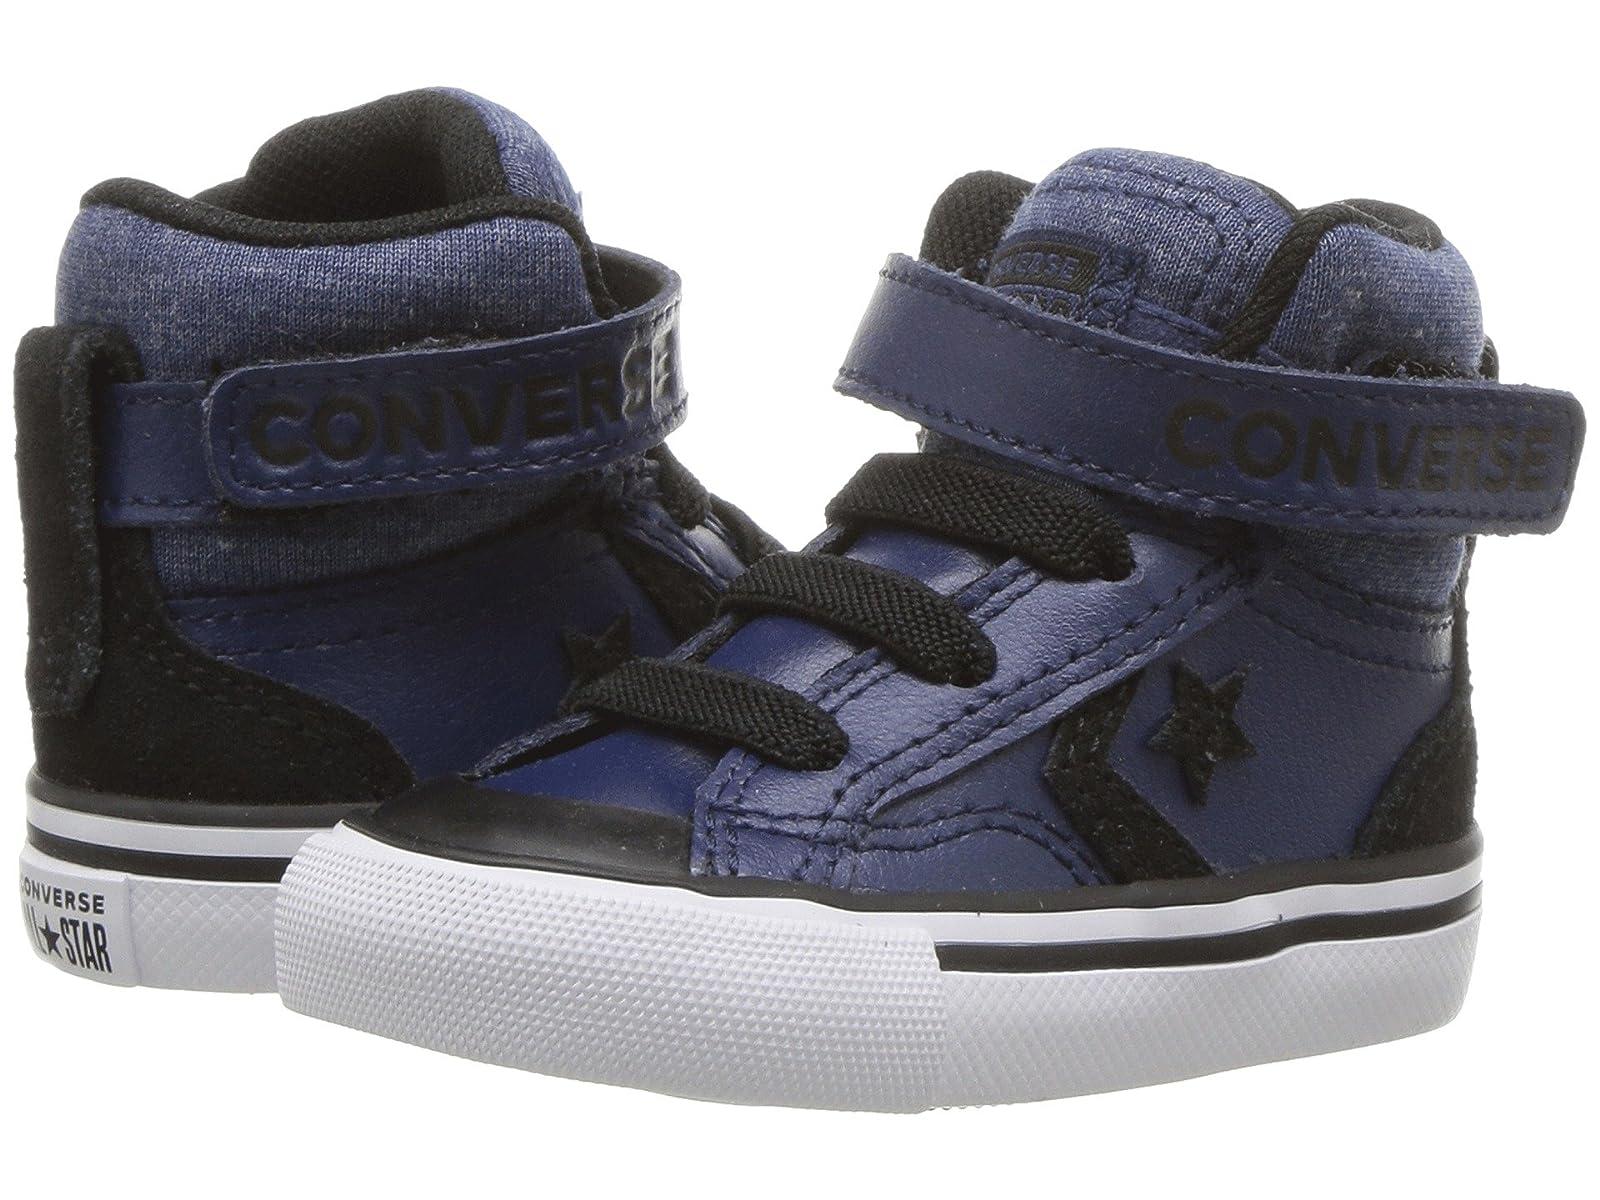 Converse Kids Pro Blaze Strap Hi (Infant/Toddler)Atmospheric grades have affordable shoes